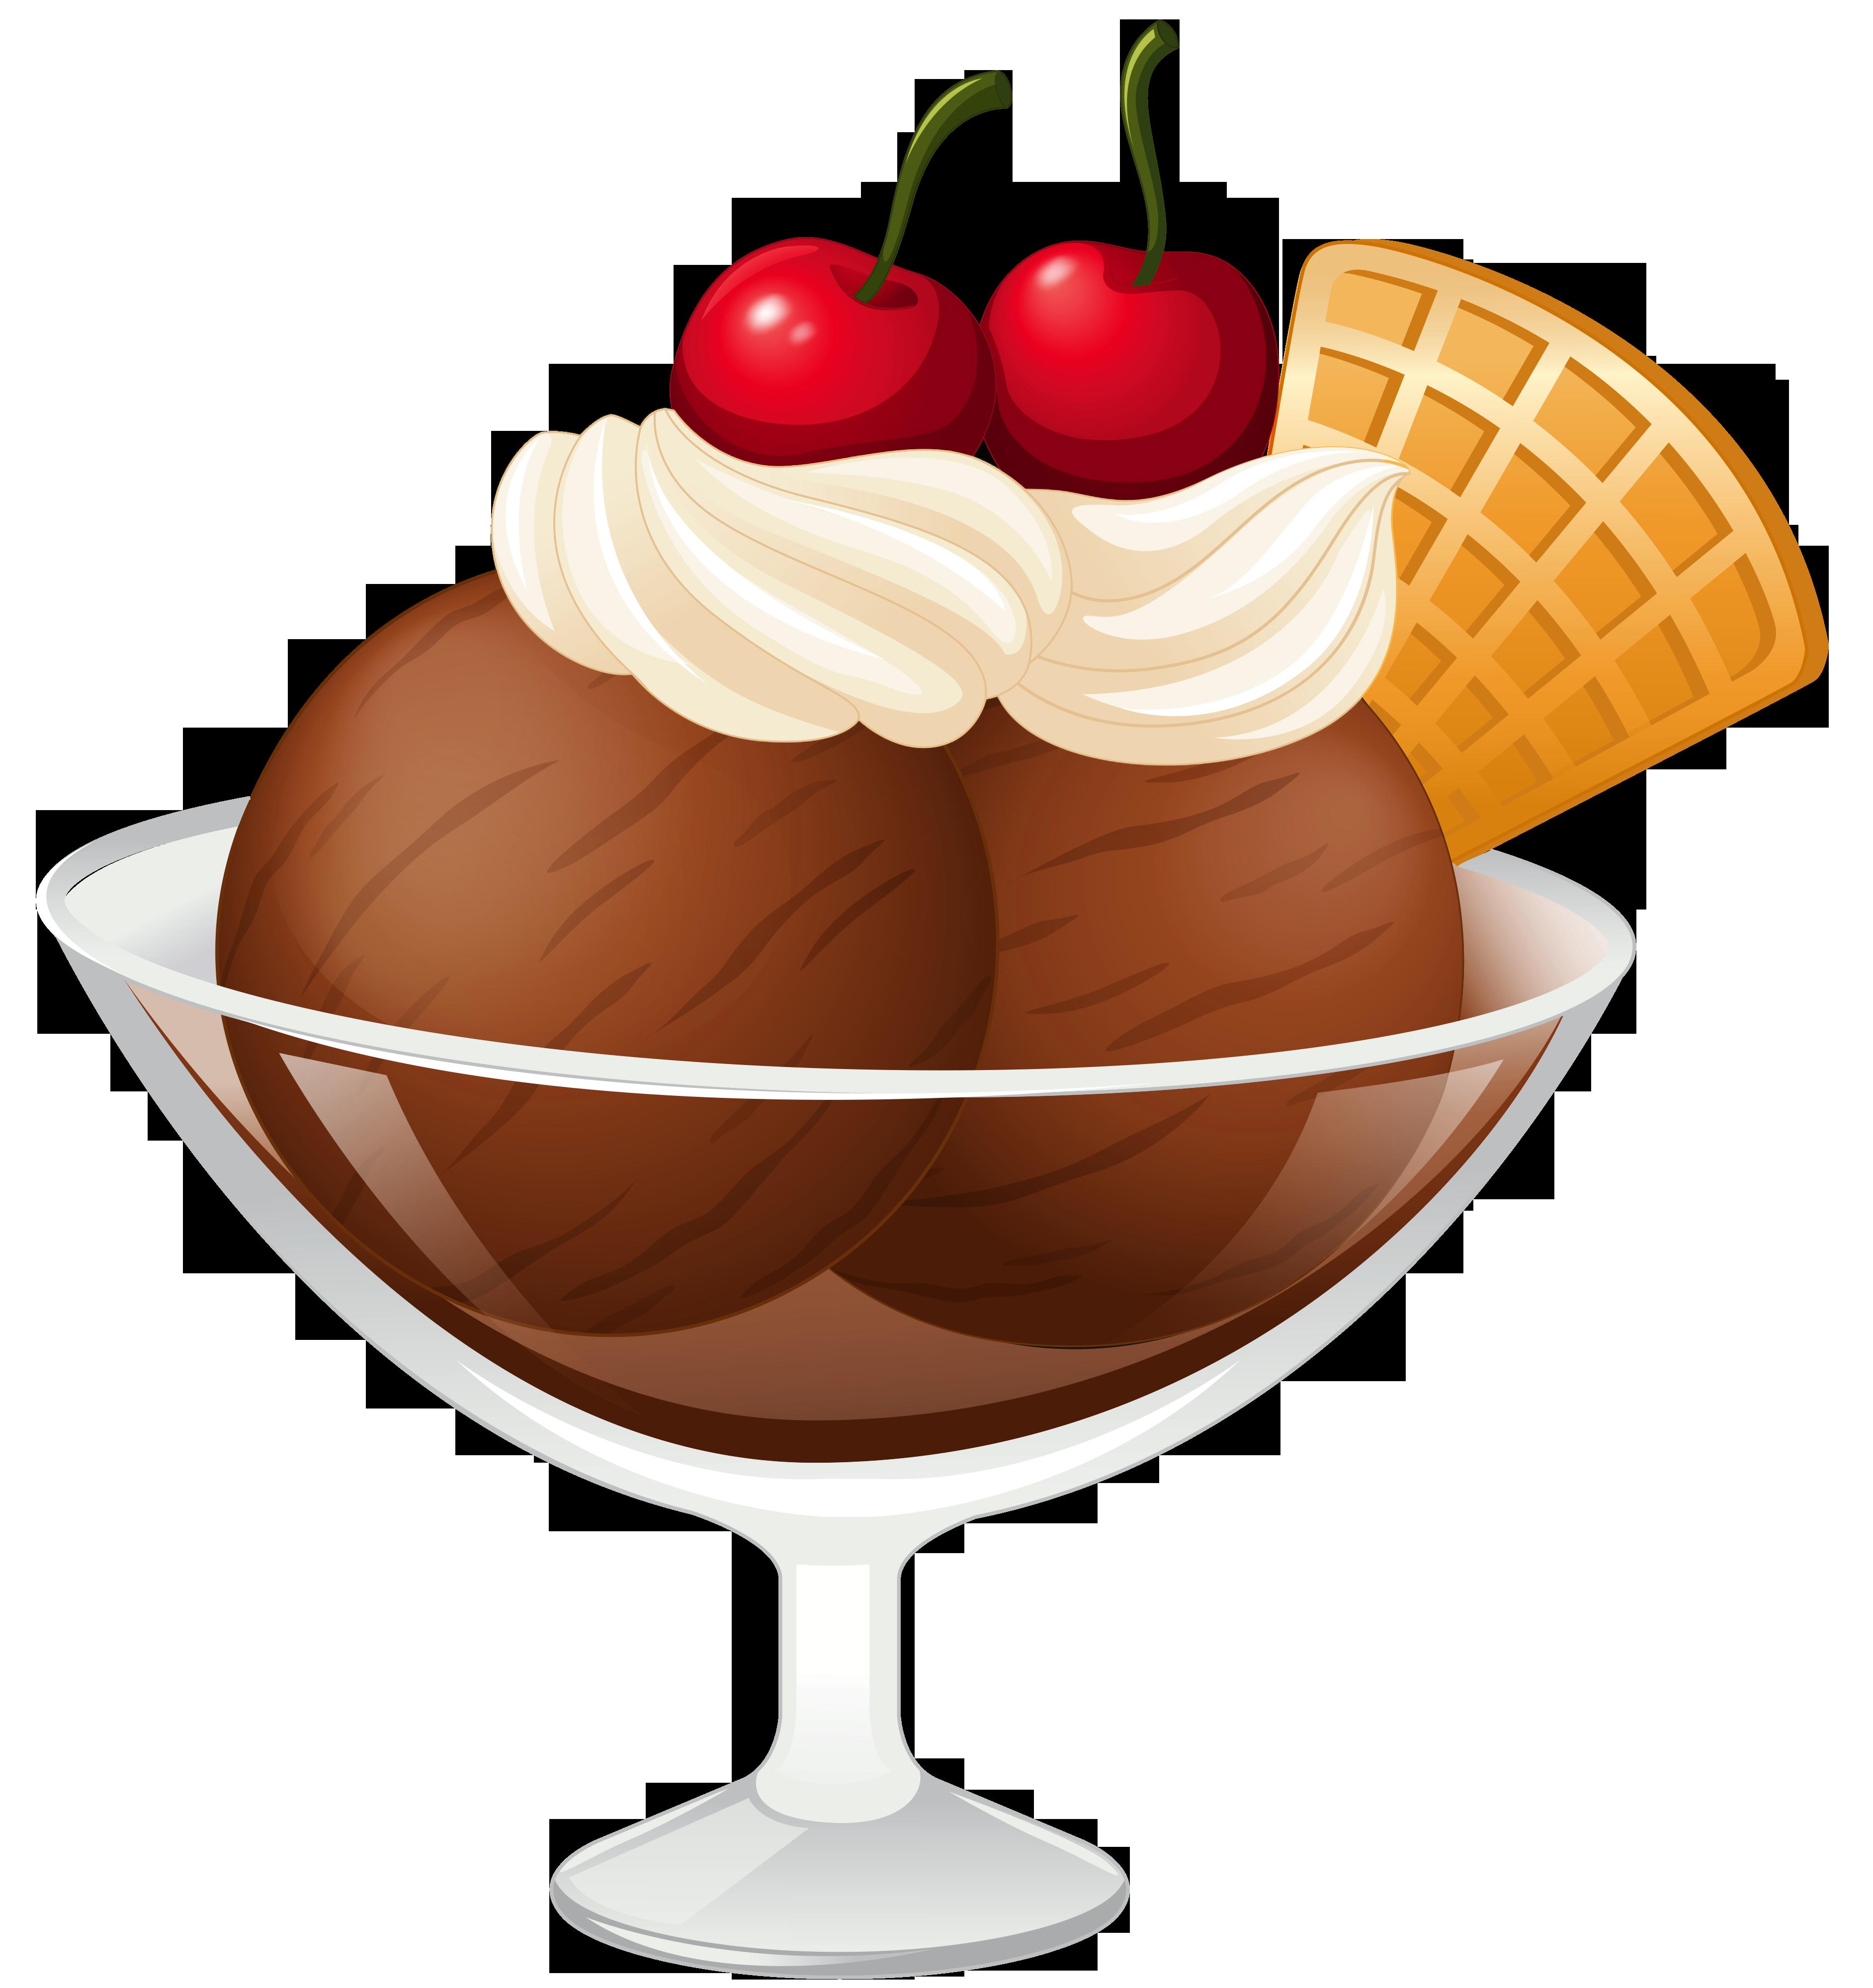 Chocolate_Ice_Cream_Sundae_Transparent_Picture.png?m=1422196971.